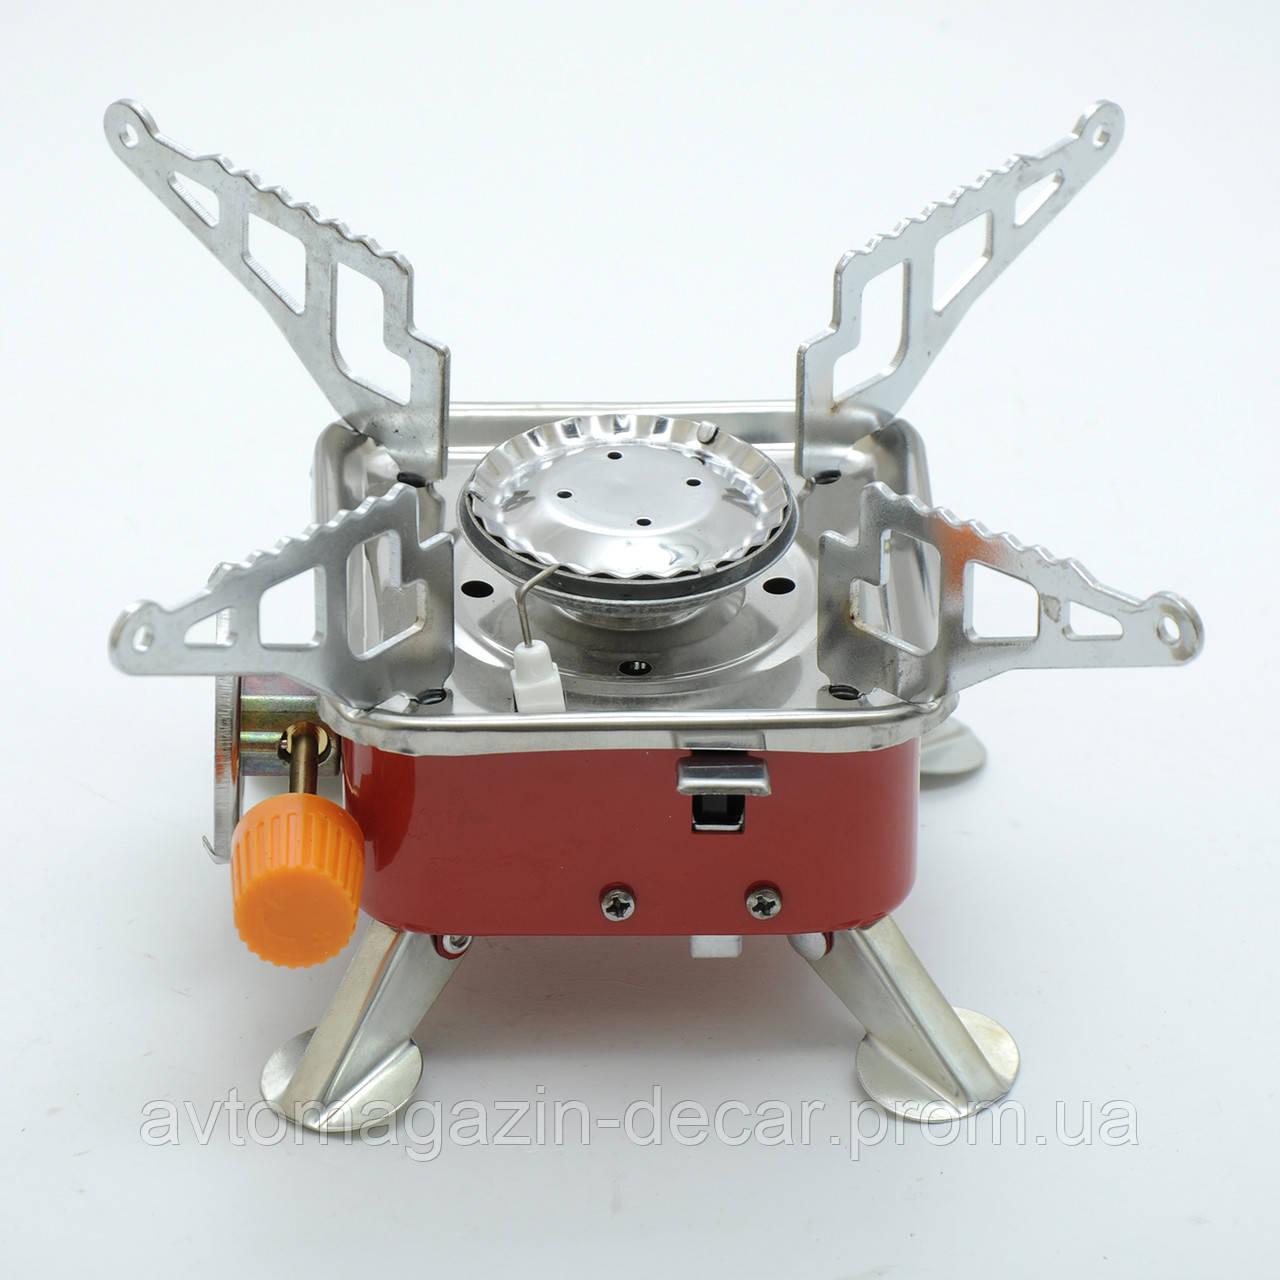 Газова плита №201 MINI (під балон) регулювання подачі газу+сумка